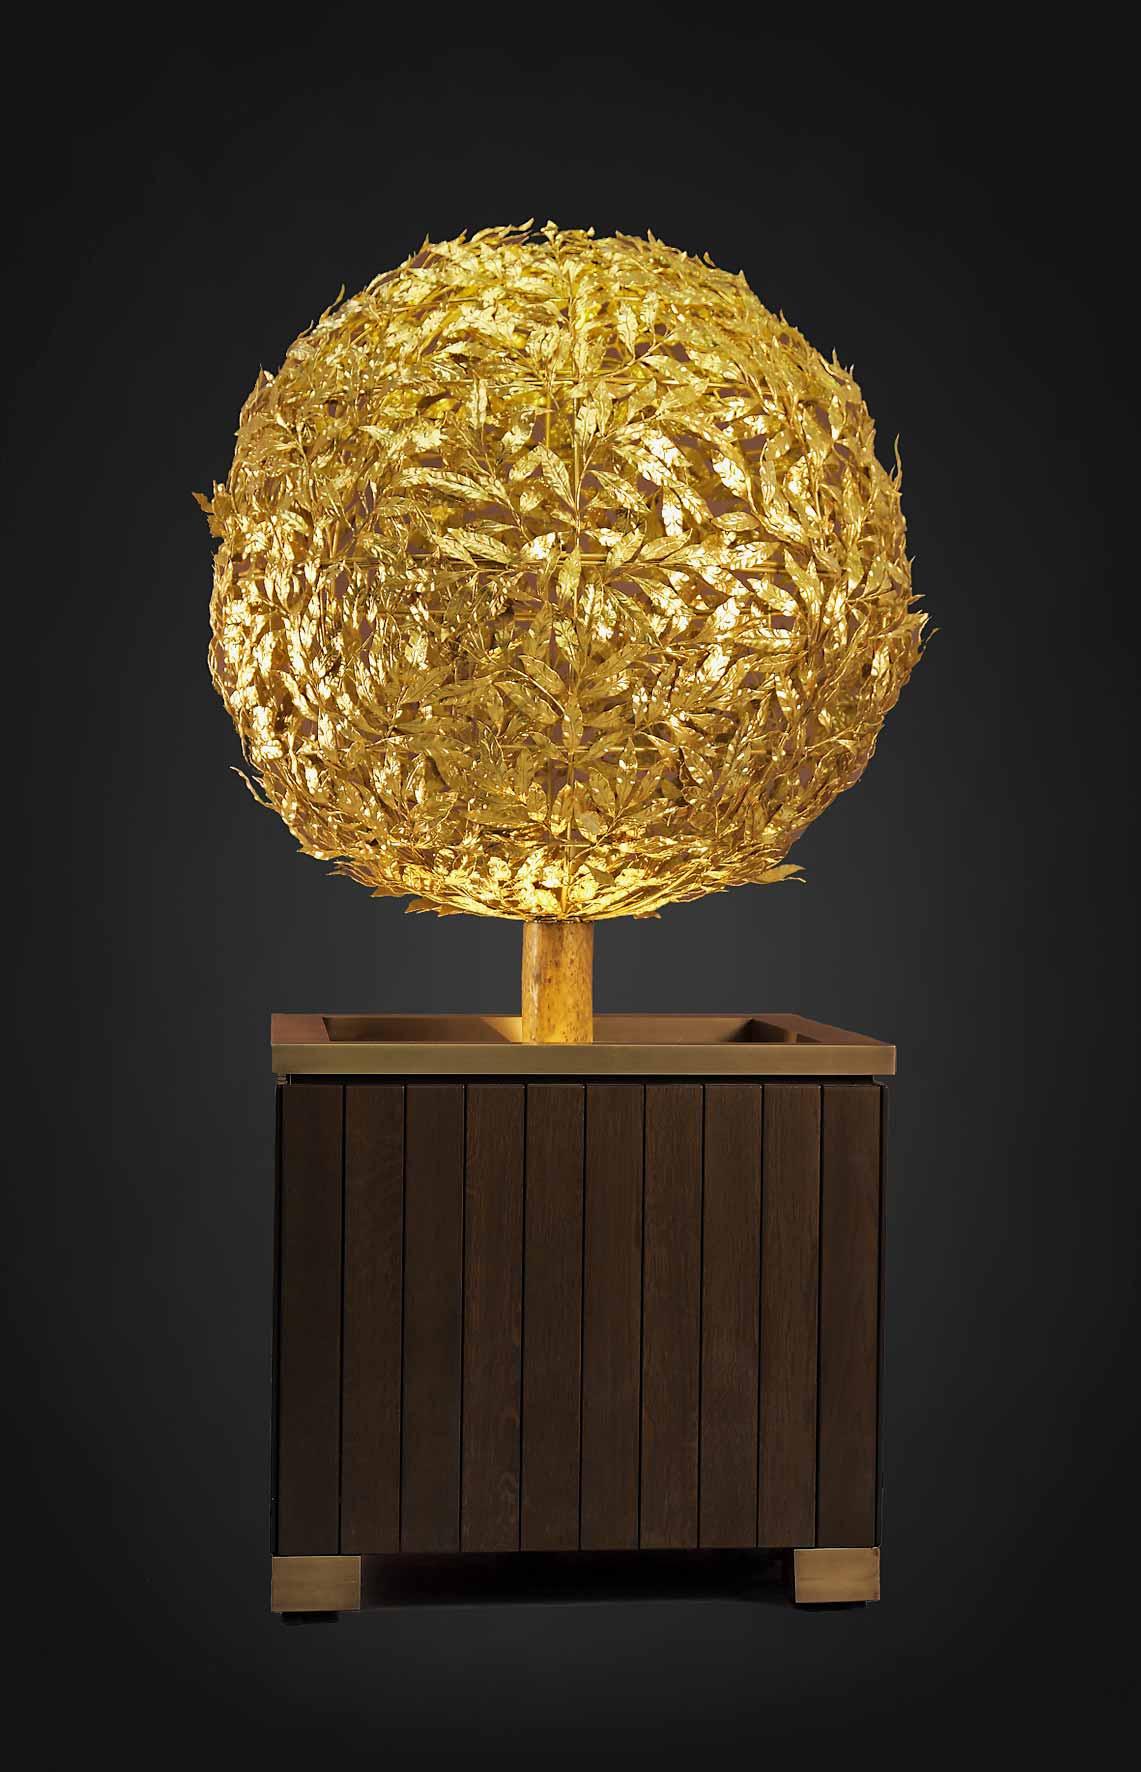 Miroirs & objets d'art - 13620